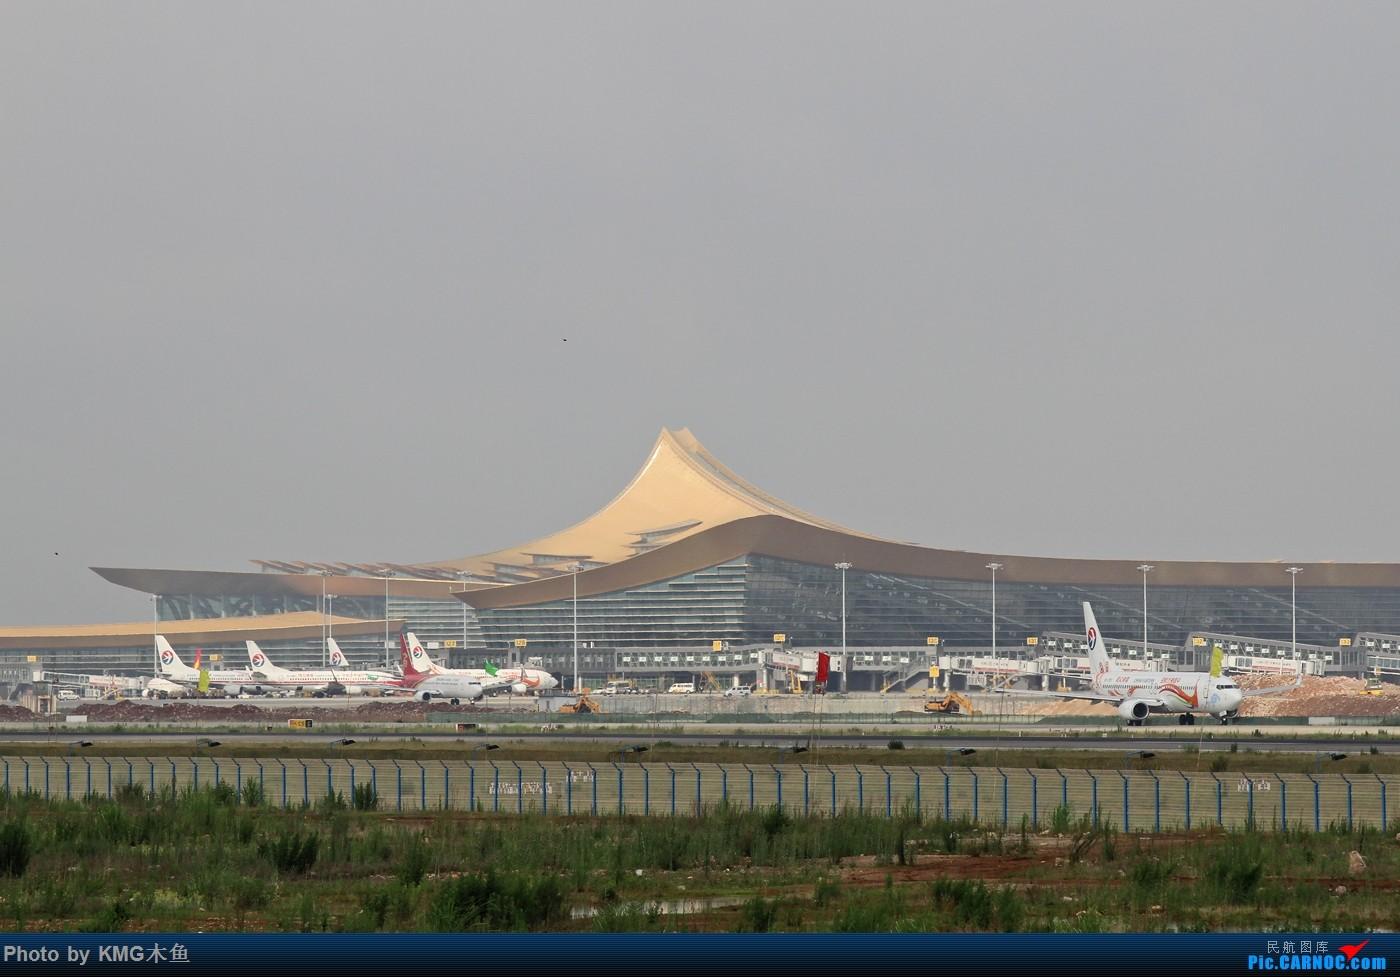 [原创]【KMG】【长水机场一窝雀】2015年端午节拍摄长水机场东航云南分公司的孔雀涂装    中国昆明长水国际机场